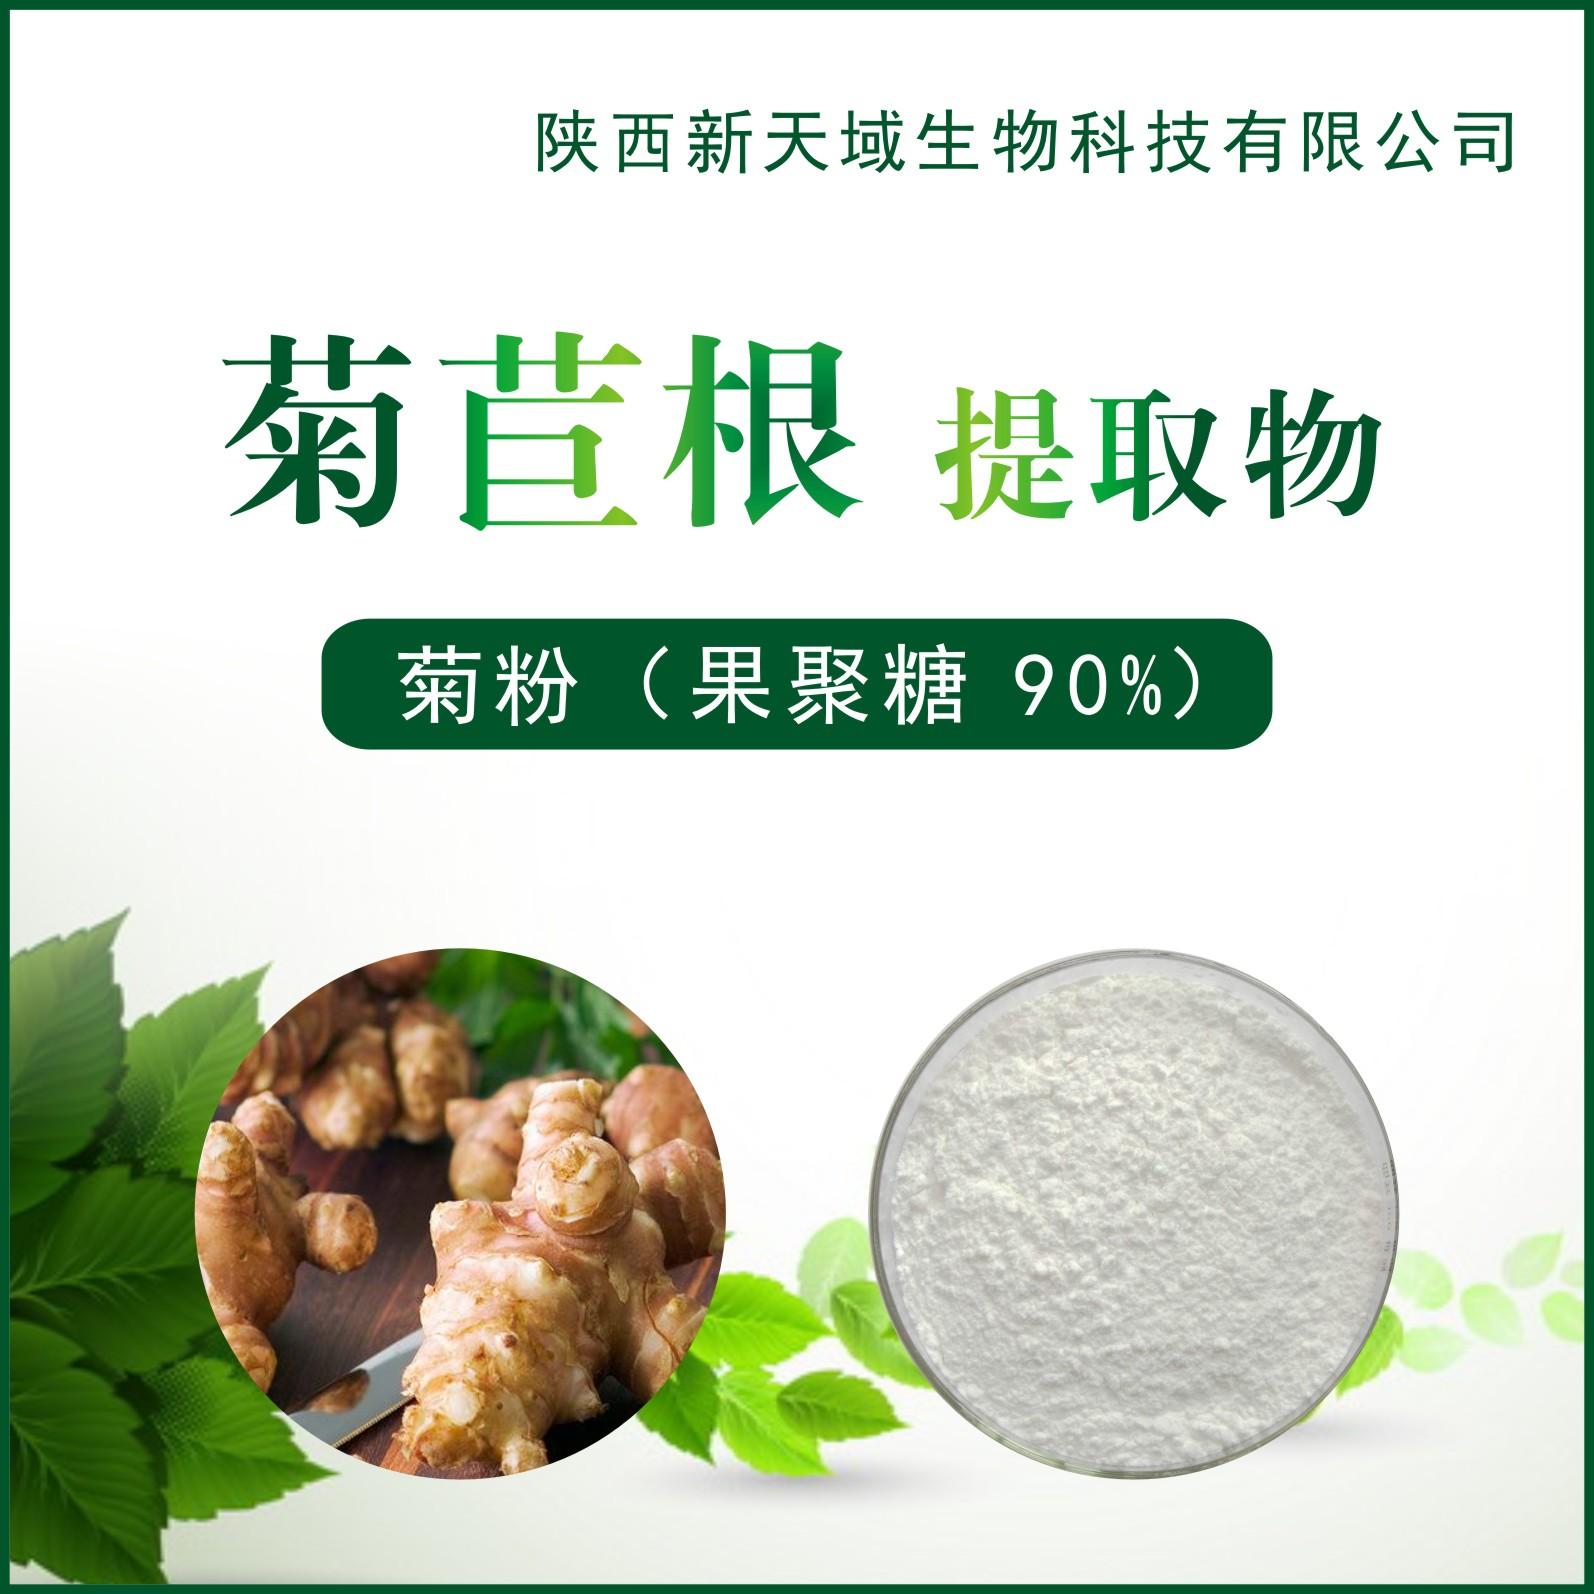 厂家供应菊粉食品级 果聚糖90% 菊苣提取物 现货包邮